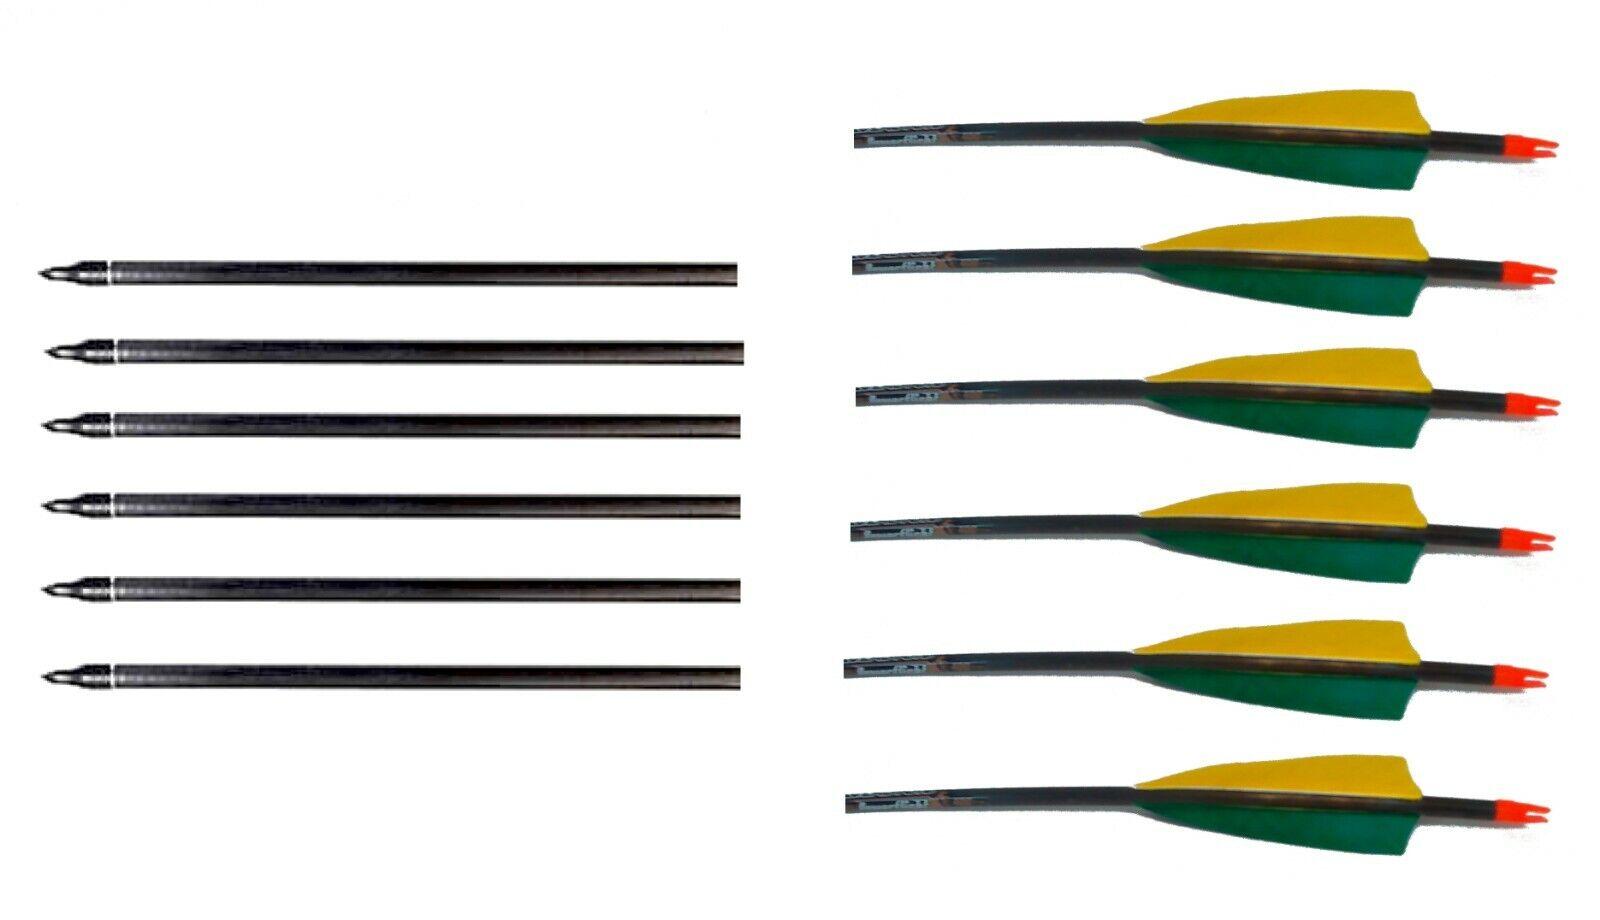 6 Carbon Komplettpfeile Easton Powerflight mit Naturbefiederung Spine 500 GG